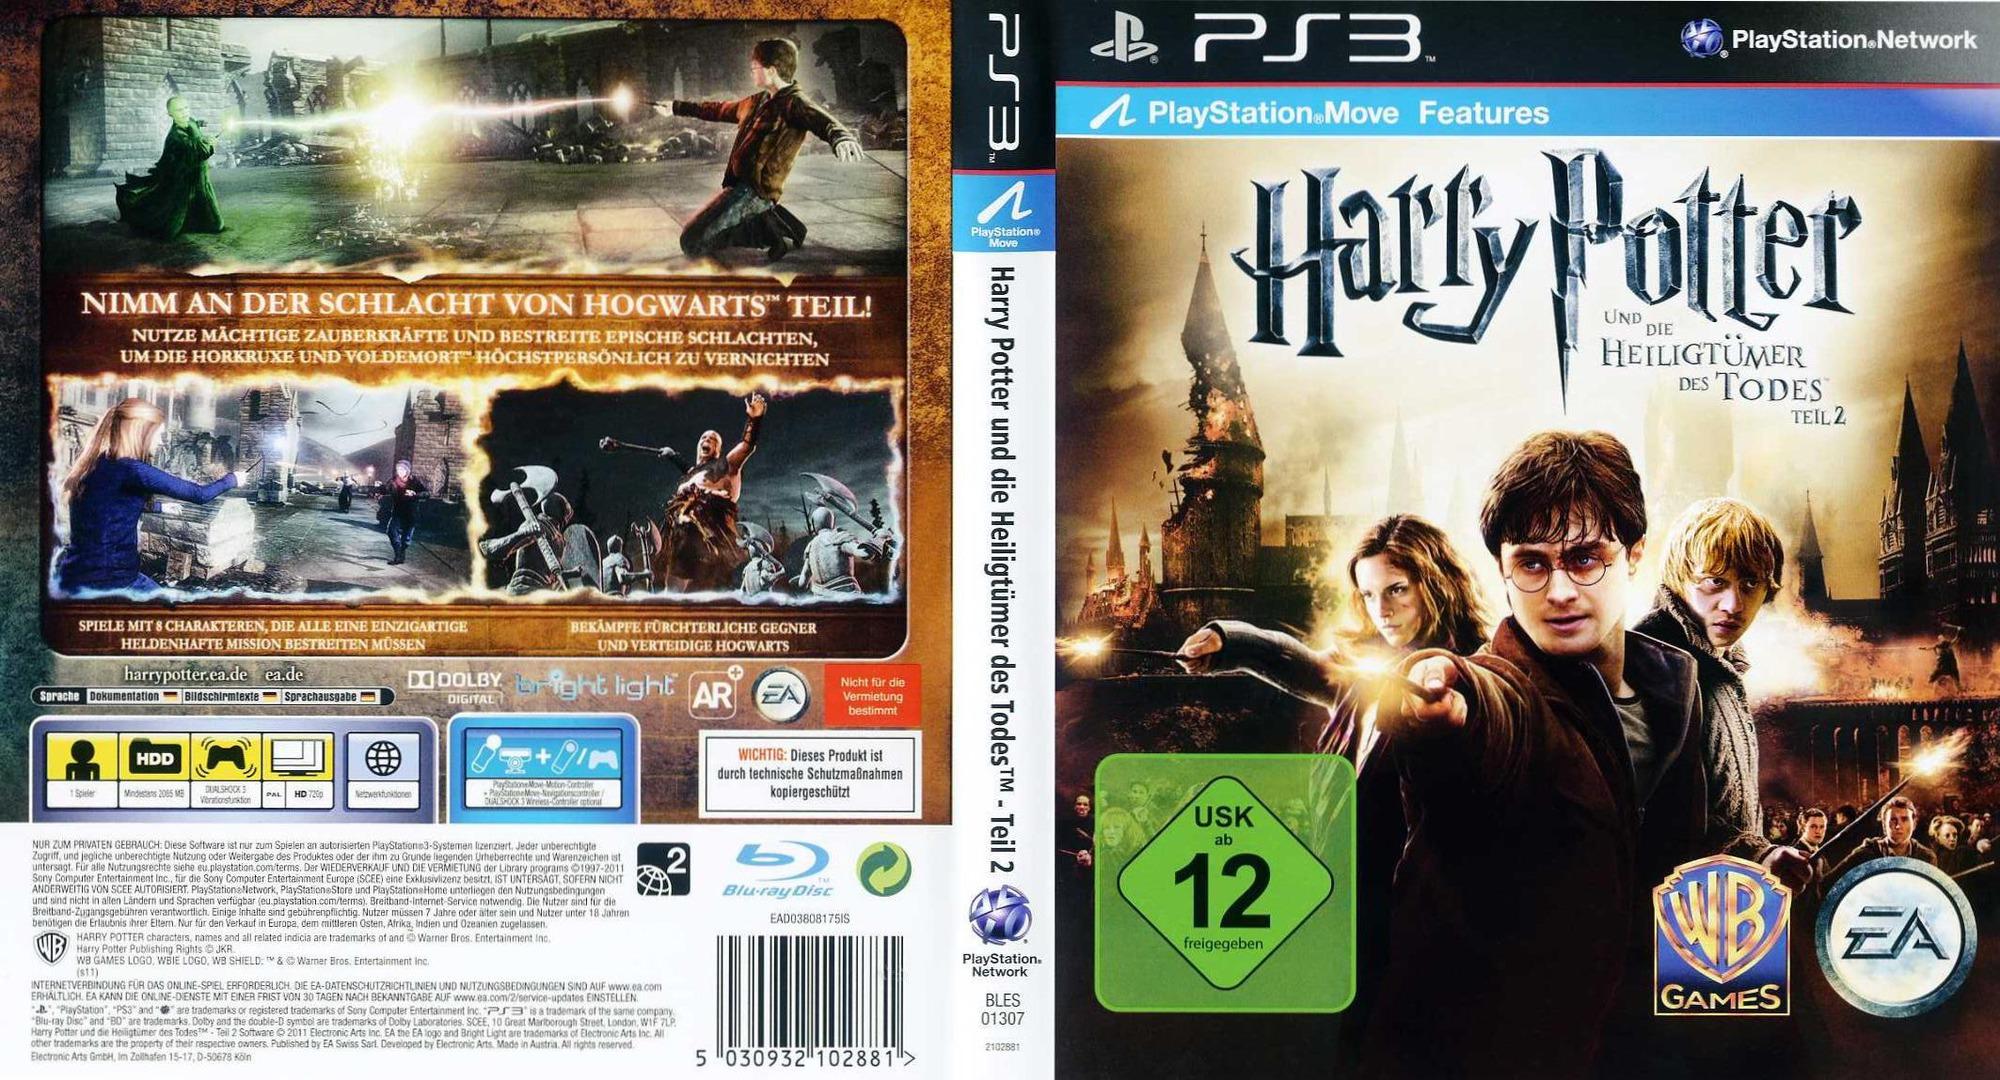 Harry Potter und die Heiligtümer der Todes - Teil 2 PS3 coverfullHQ (BLES01307)